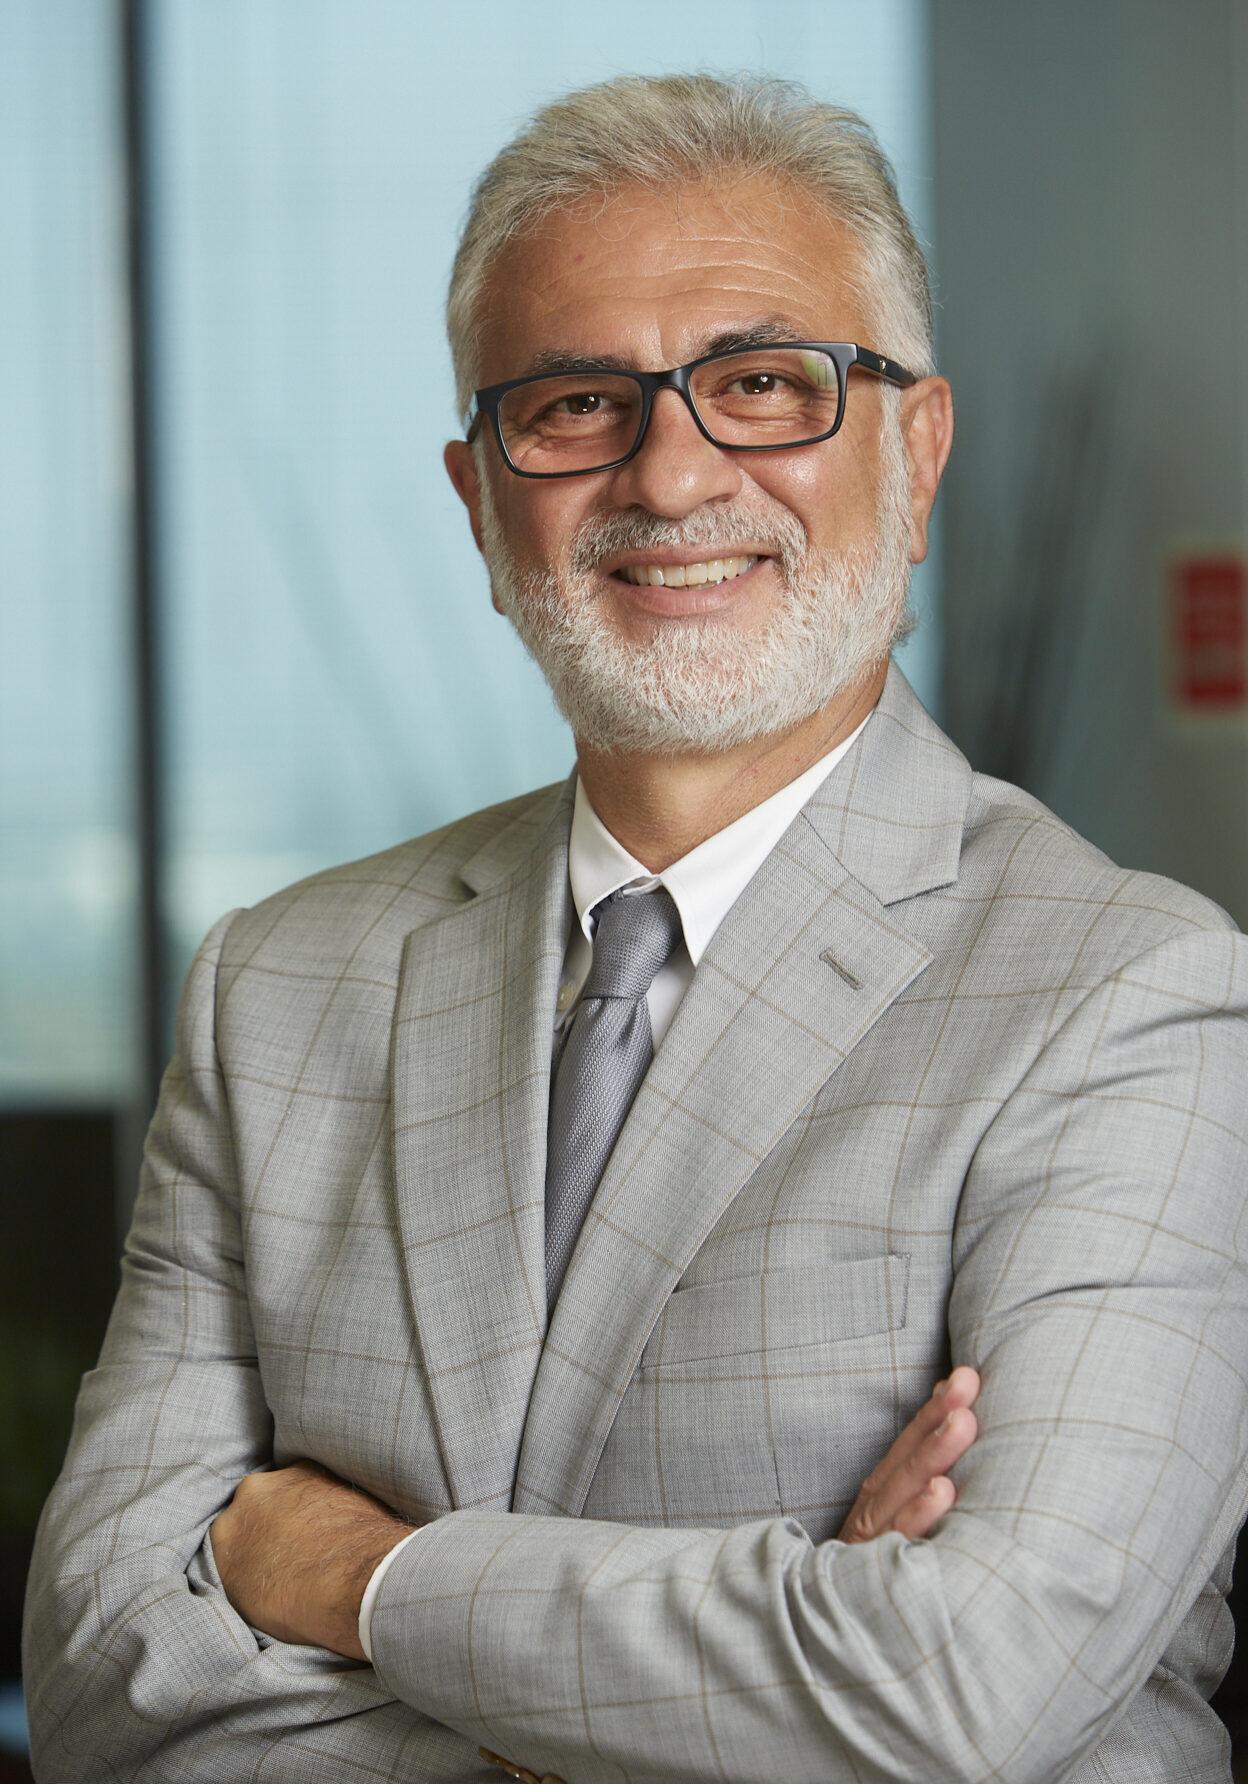 David V. Jafari